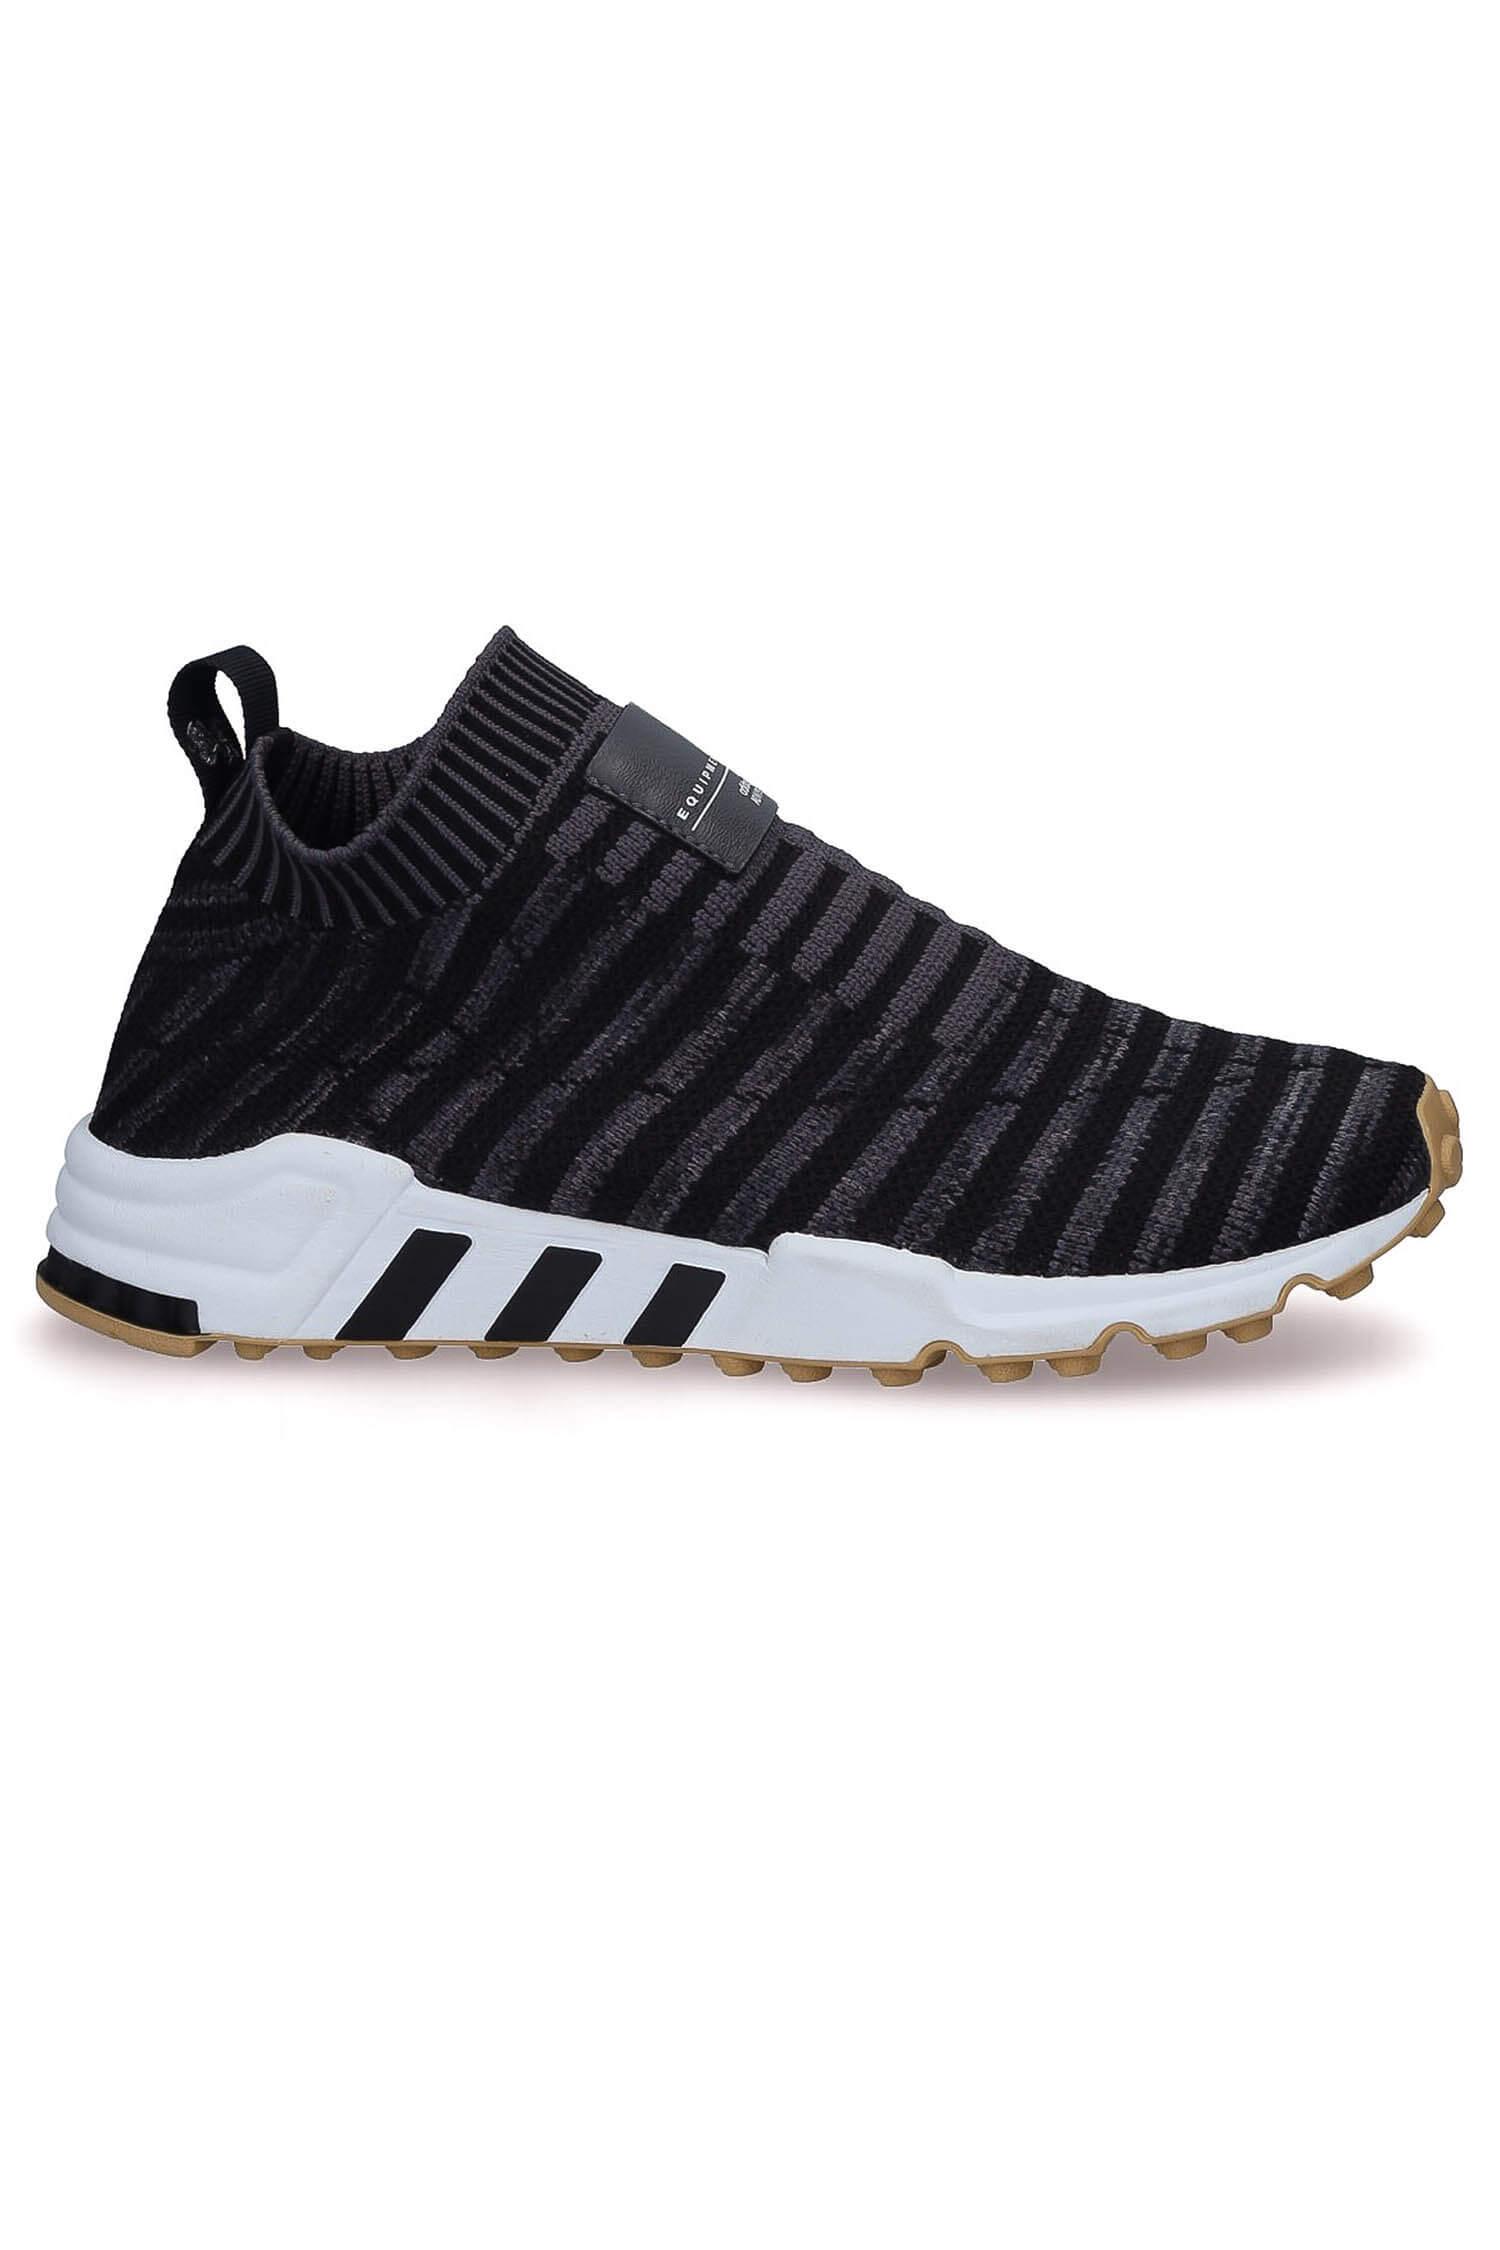 reputable site 61779 9a408 Adidas Originals  EQT Support SK PK ...